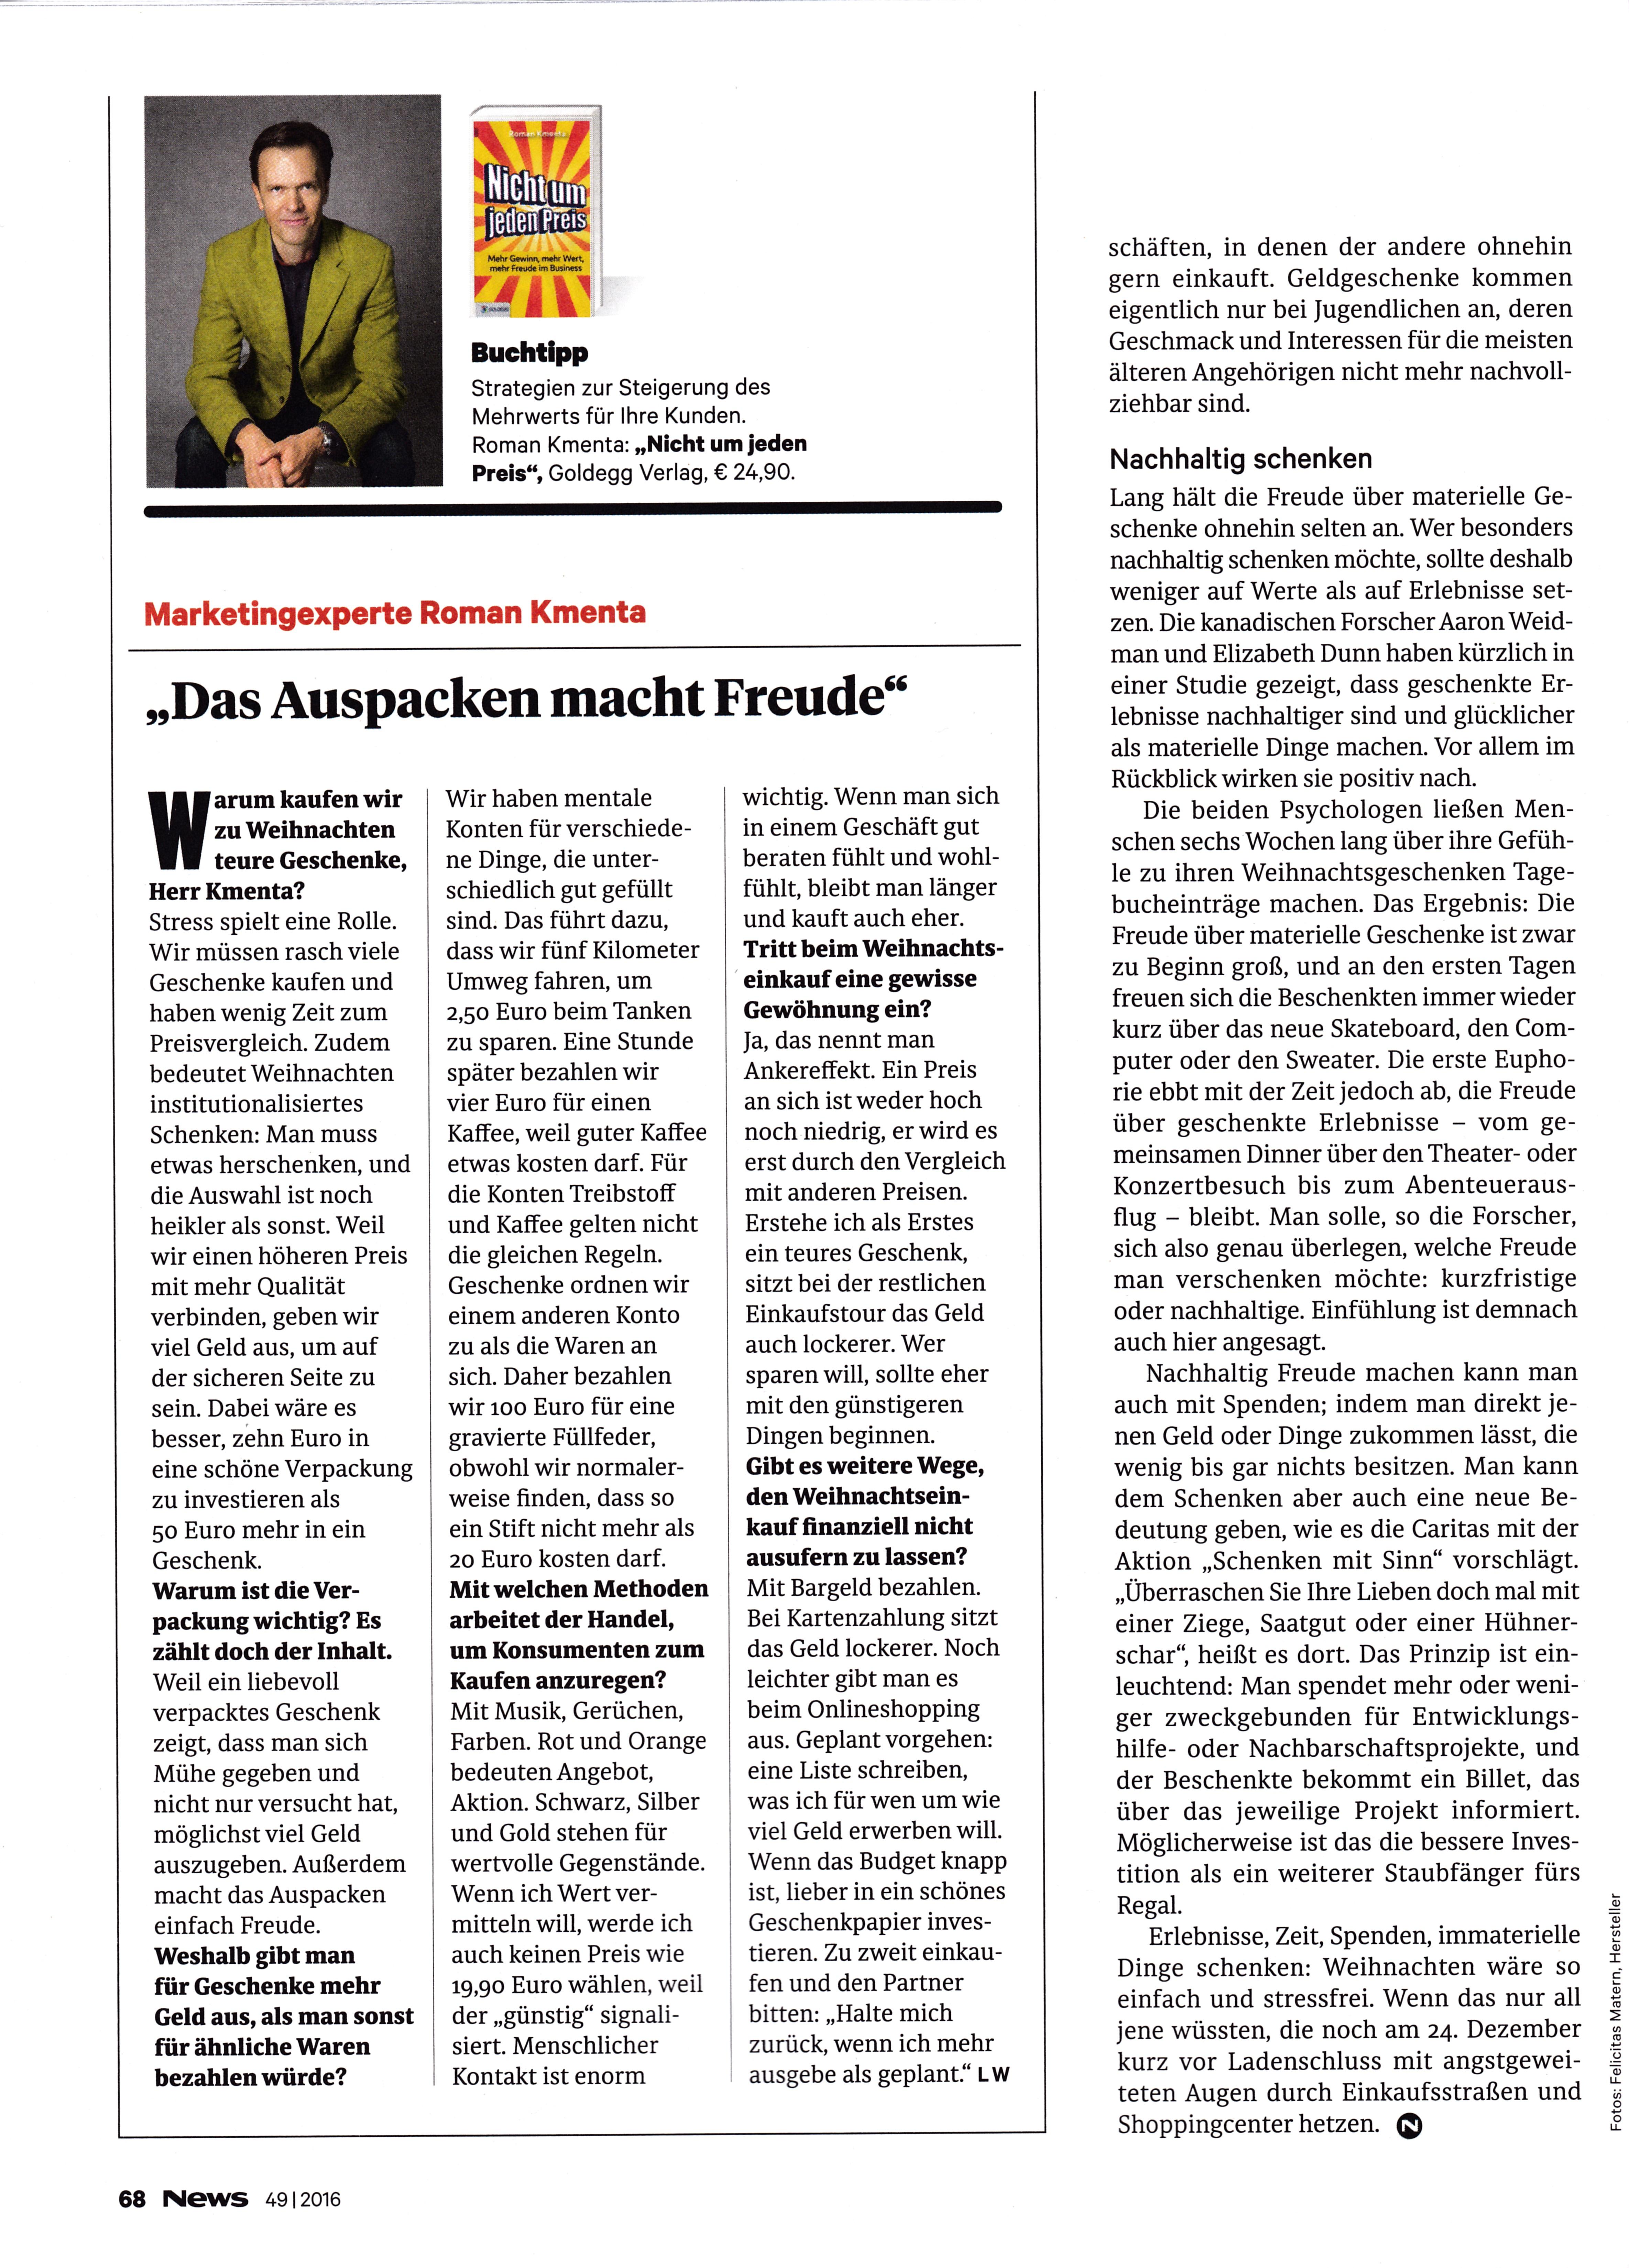 """NEWS 12/16 - """"Das Auspacken macht Freude"""" - Roman Kmenta - Marketingexperte und Keynote Speaker"""